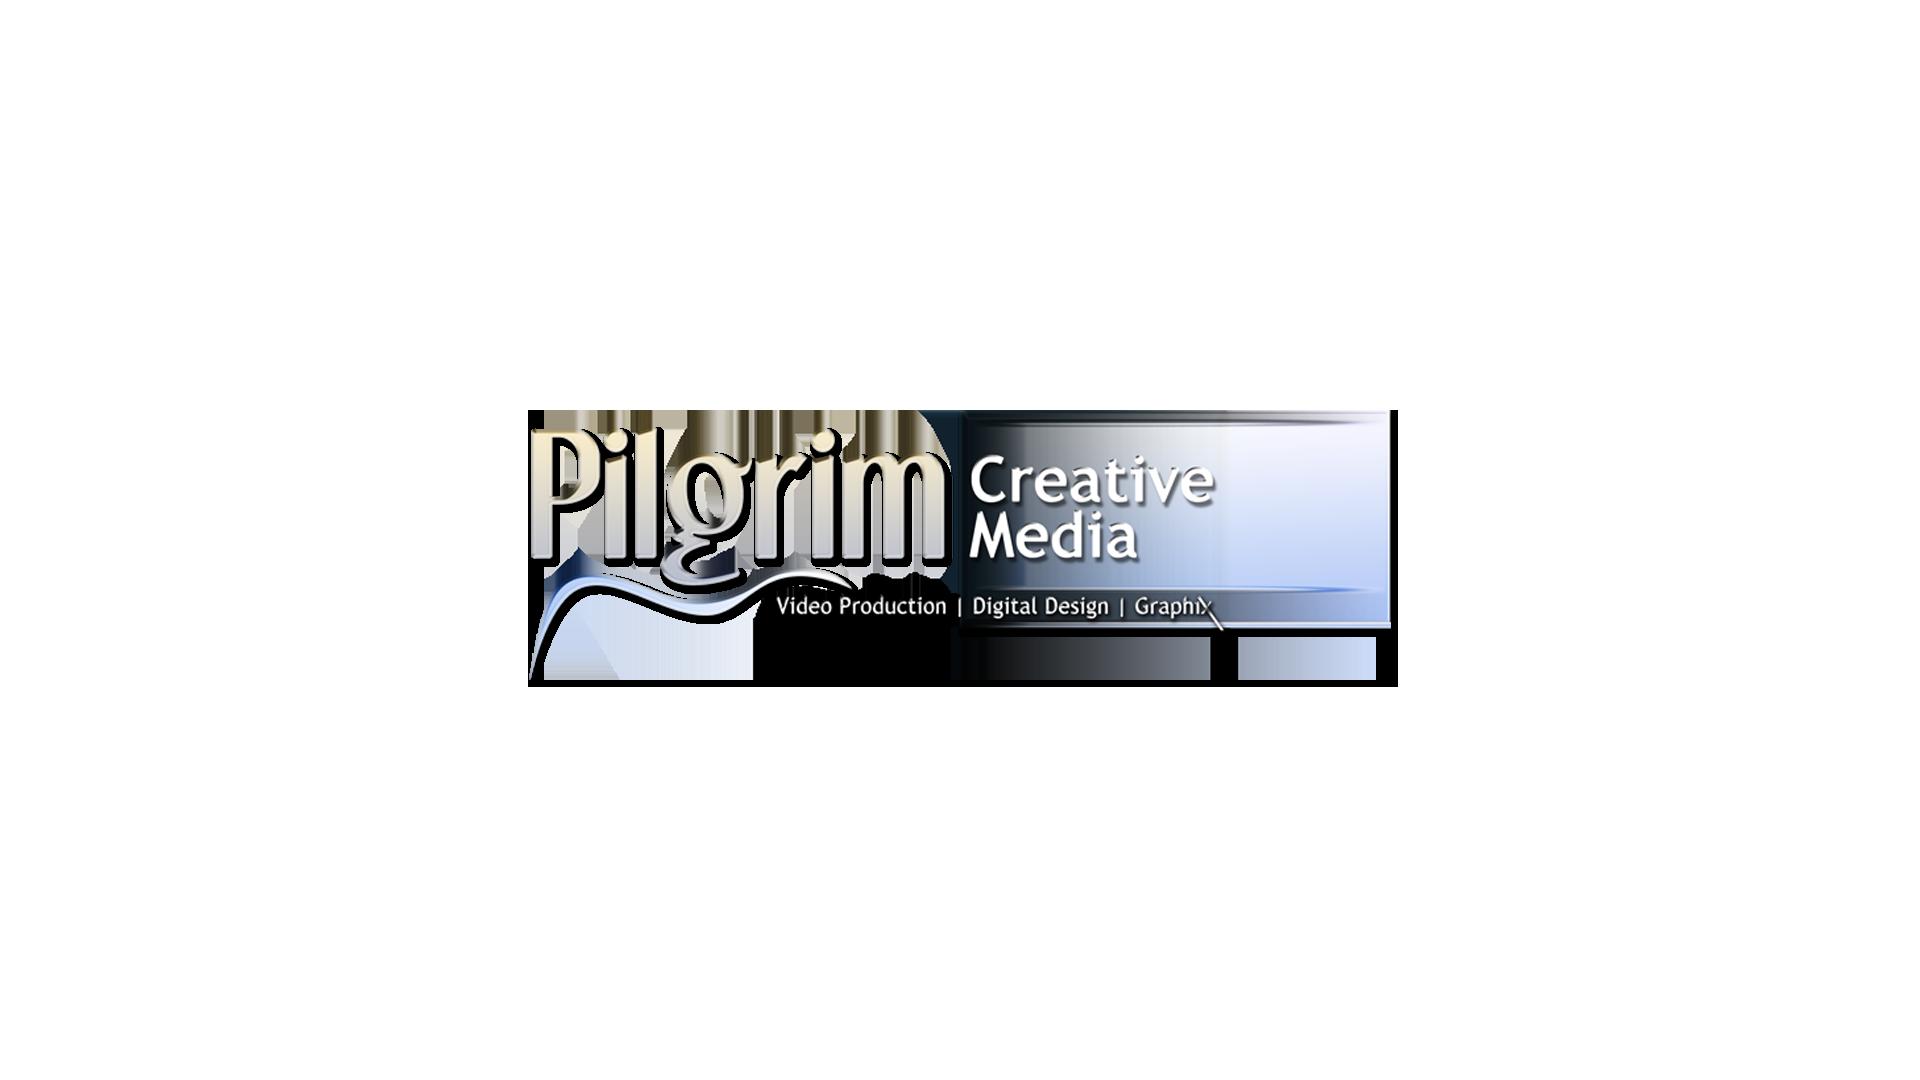 Pilgrim Creative Media